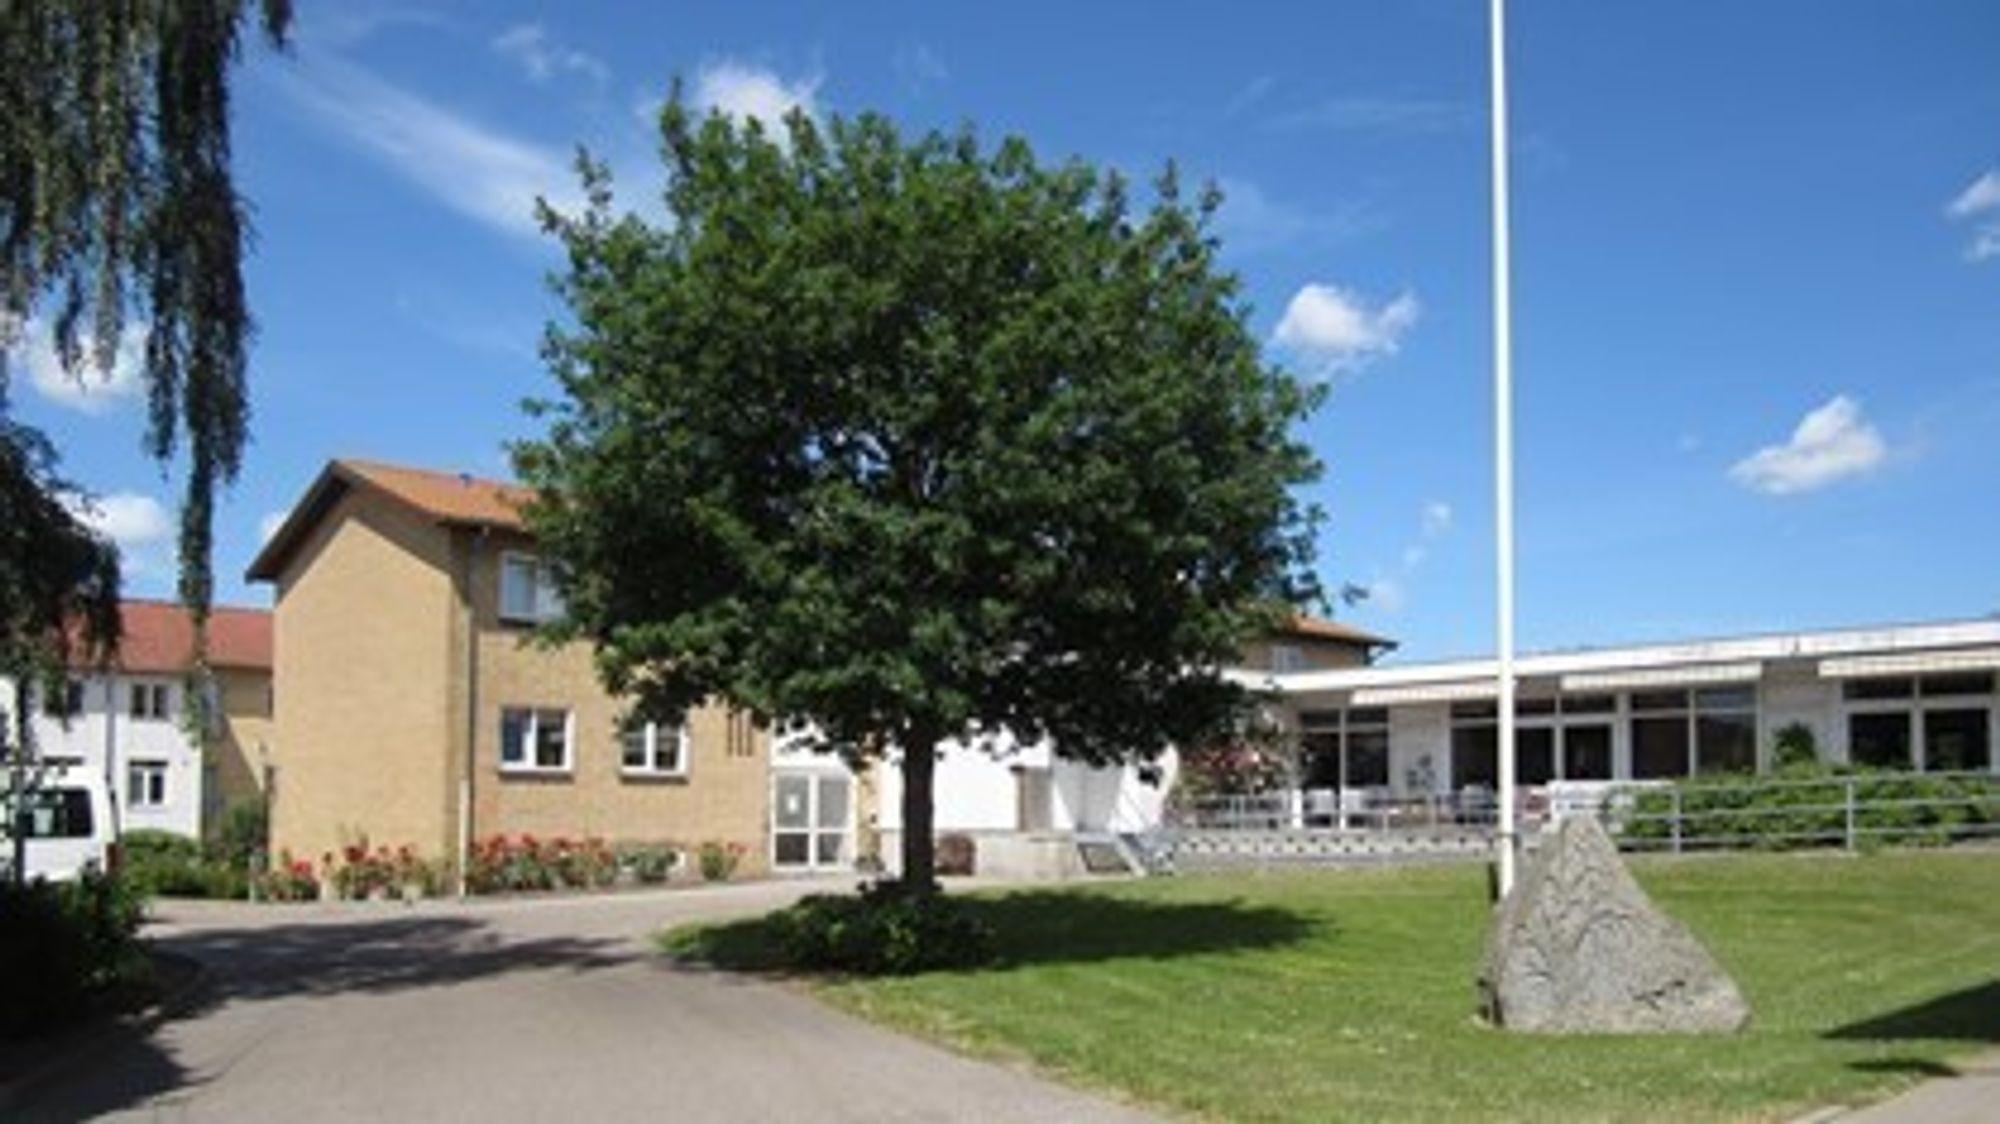 Fredag 3. august oppstod en dødelig brann ved Farsøhthus pleiehjem i Danmark. Kommunen undersøker nå alle sine bygg.